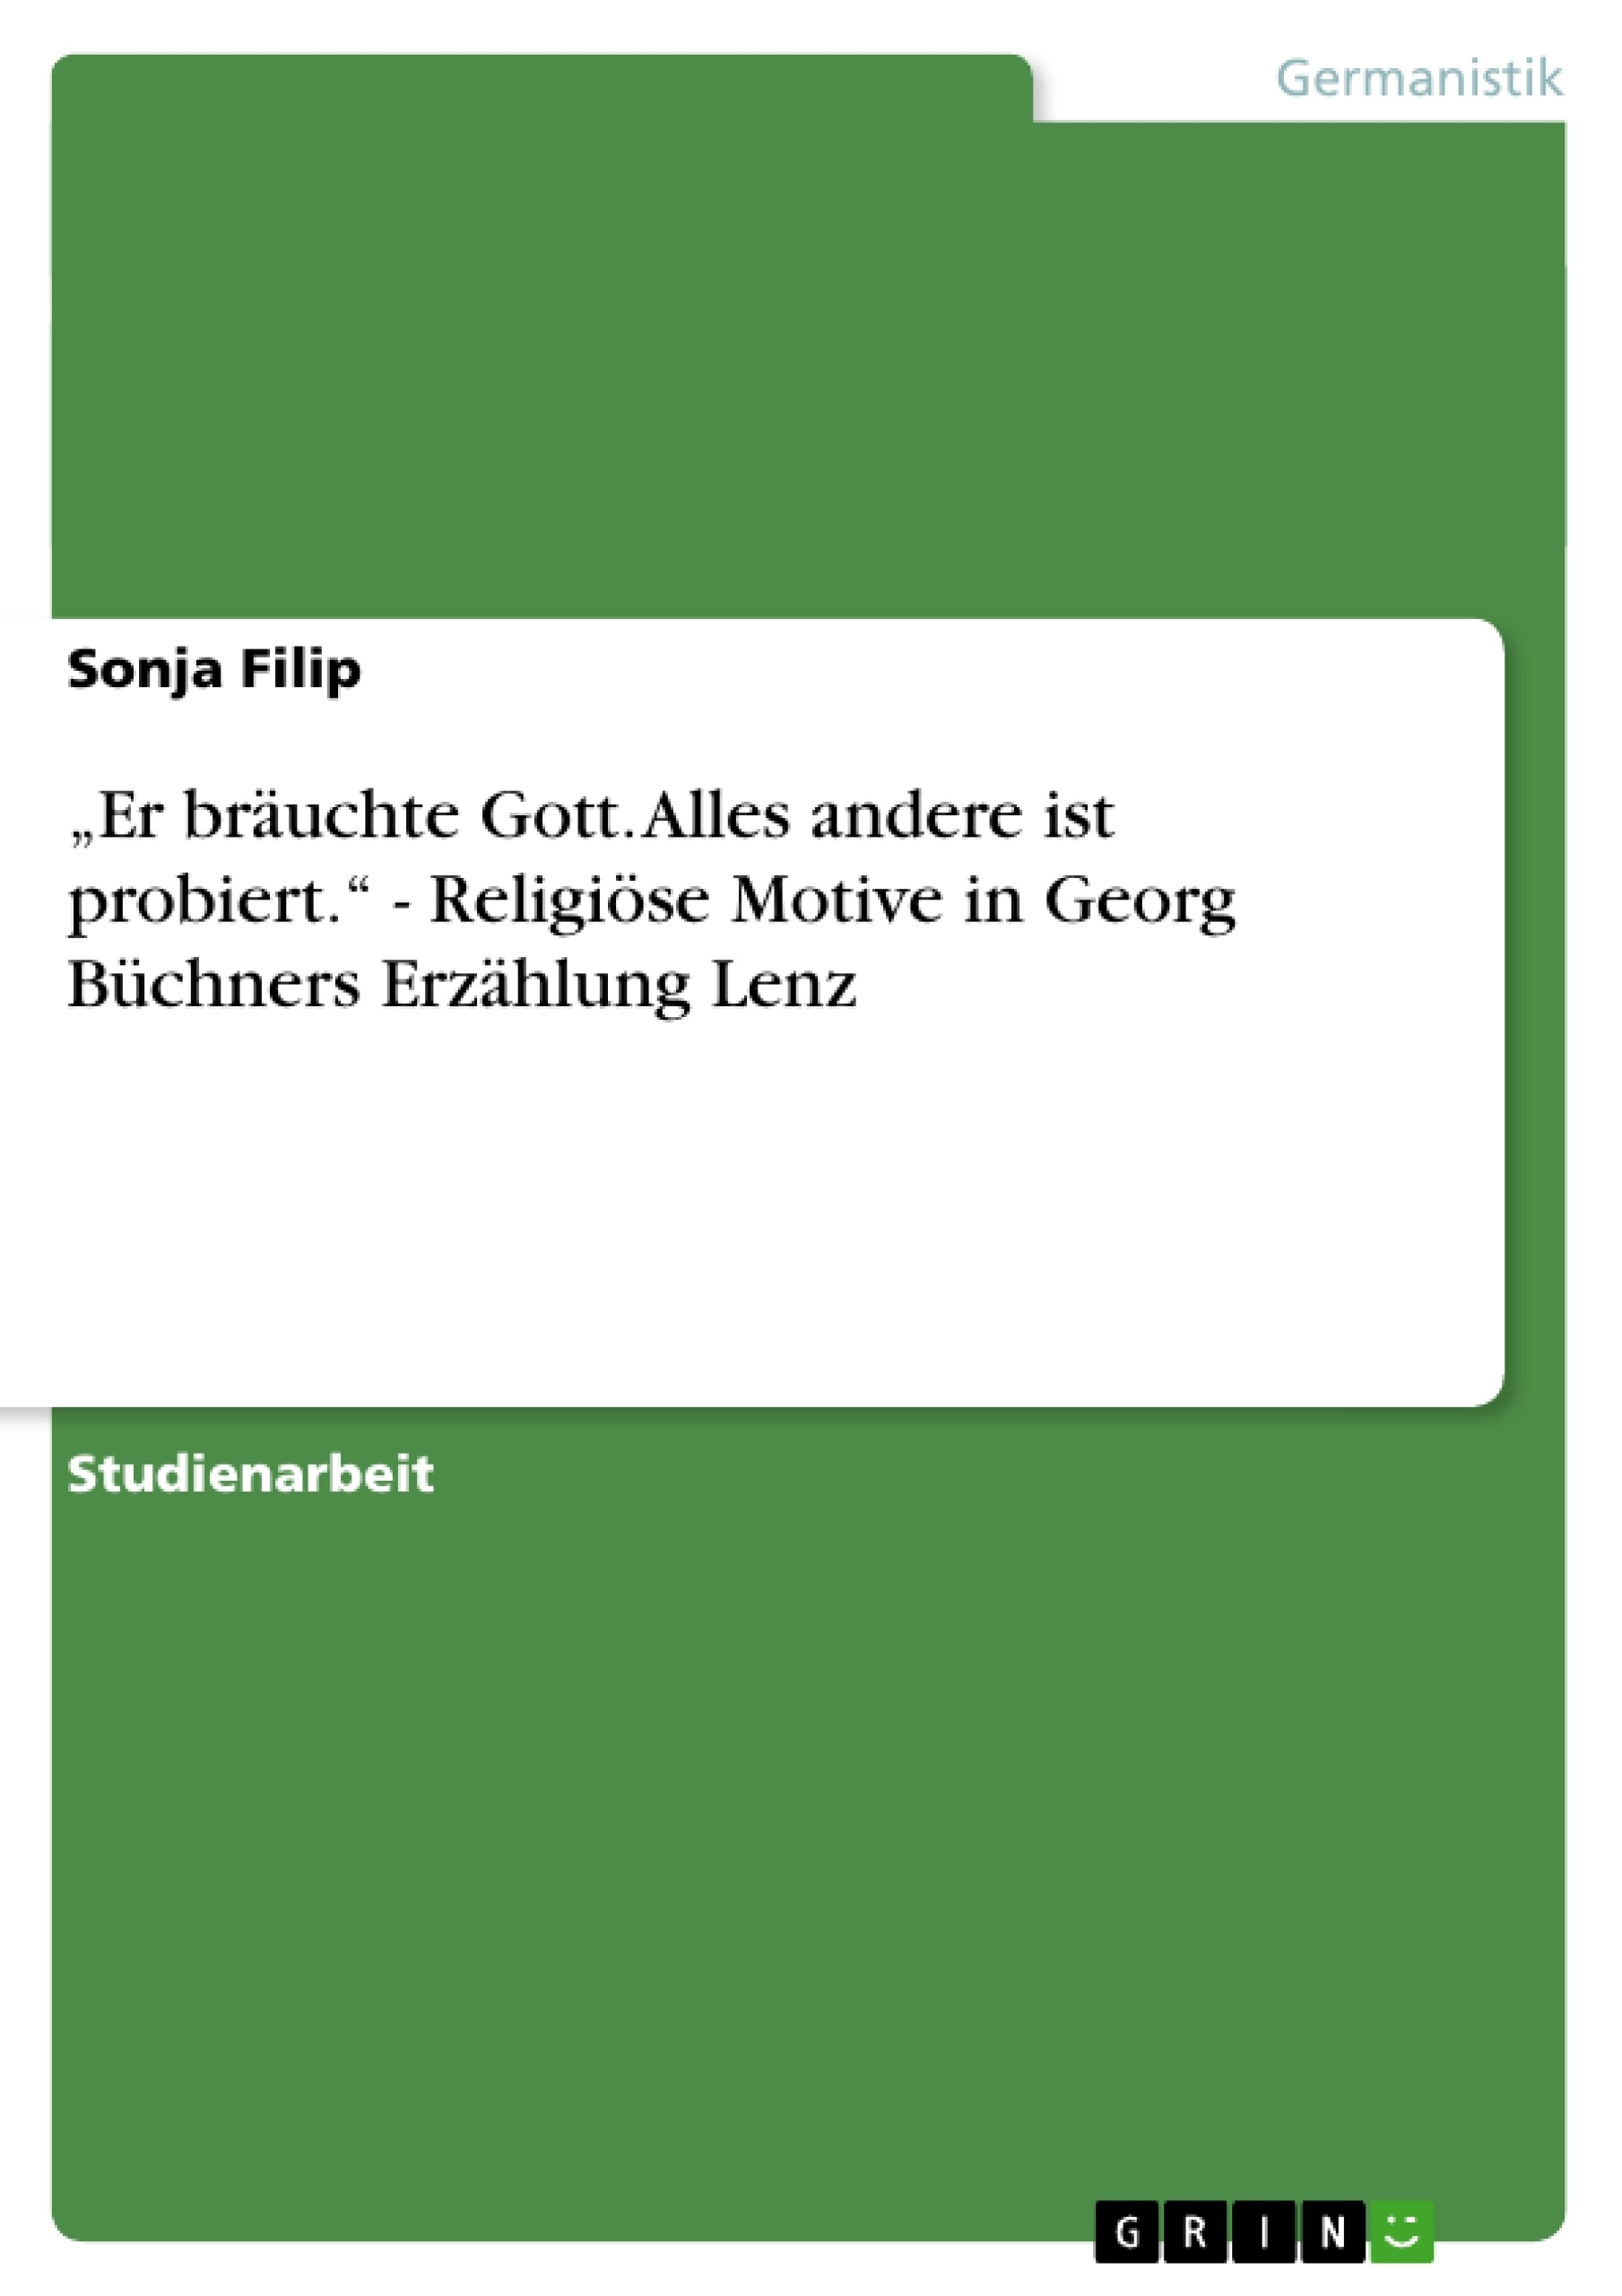 """Titel: """"Er bräuchte Gott. Alles andere ist probiert."""" - Religiöse Motive in Georg Büchners Erzählung Lenz"""